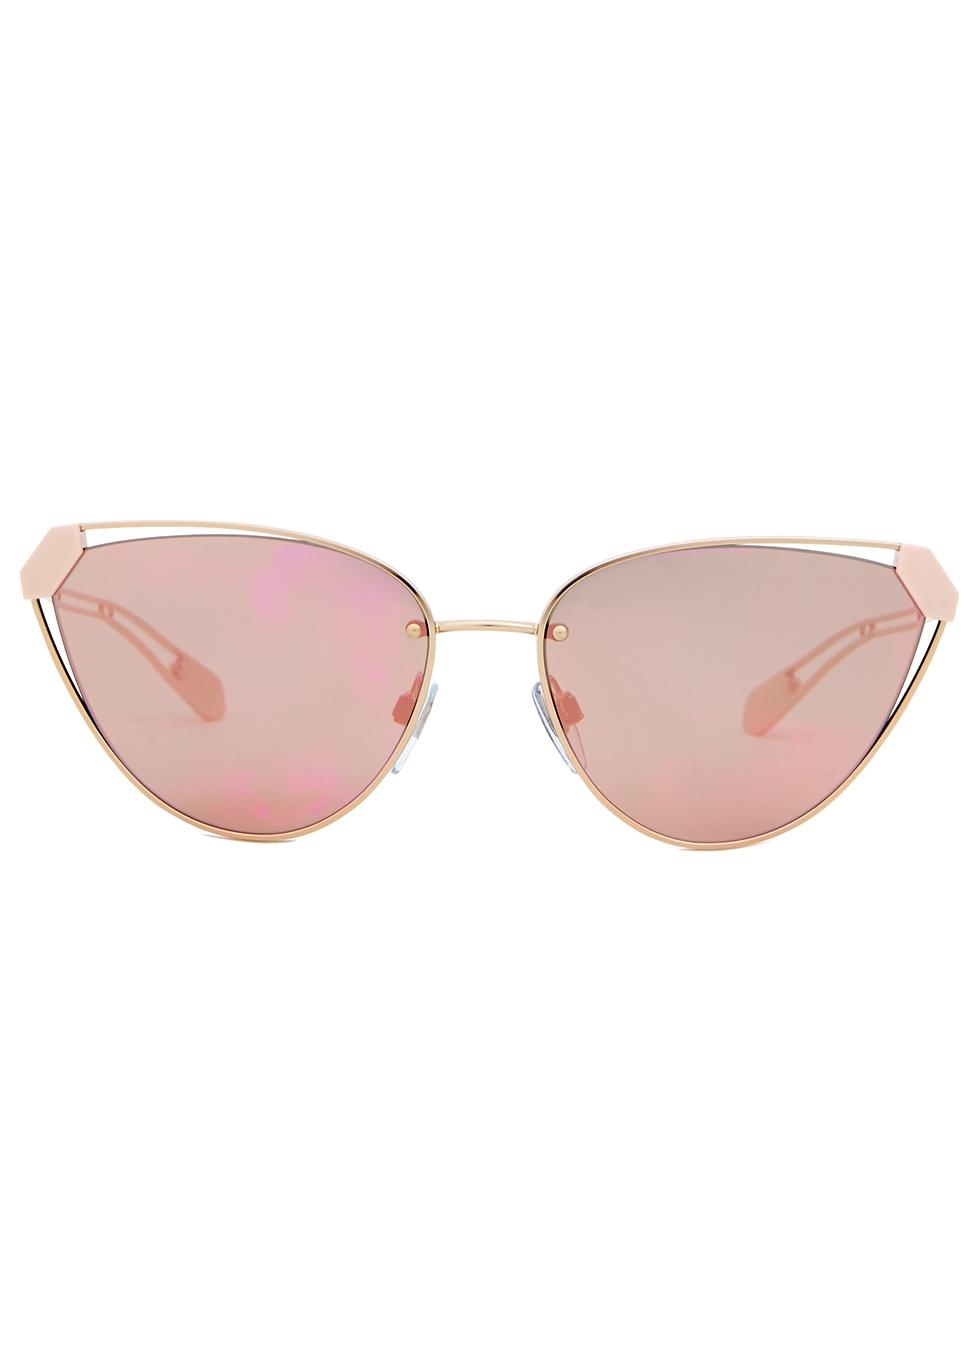 Serpenti cat-eye sunglasses - BVLGARI